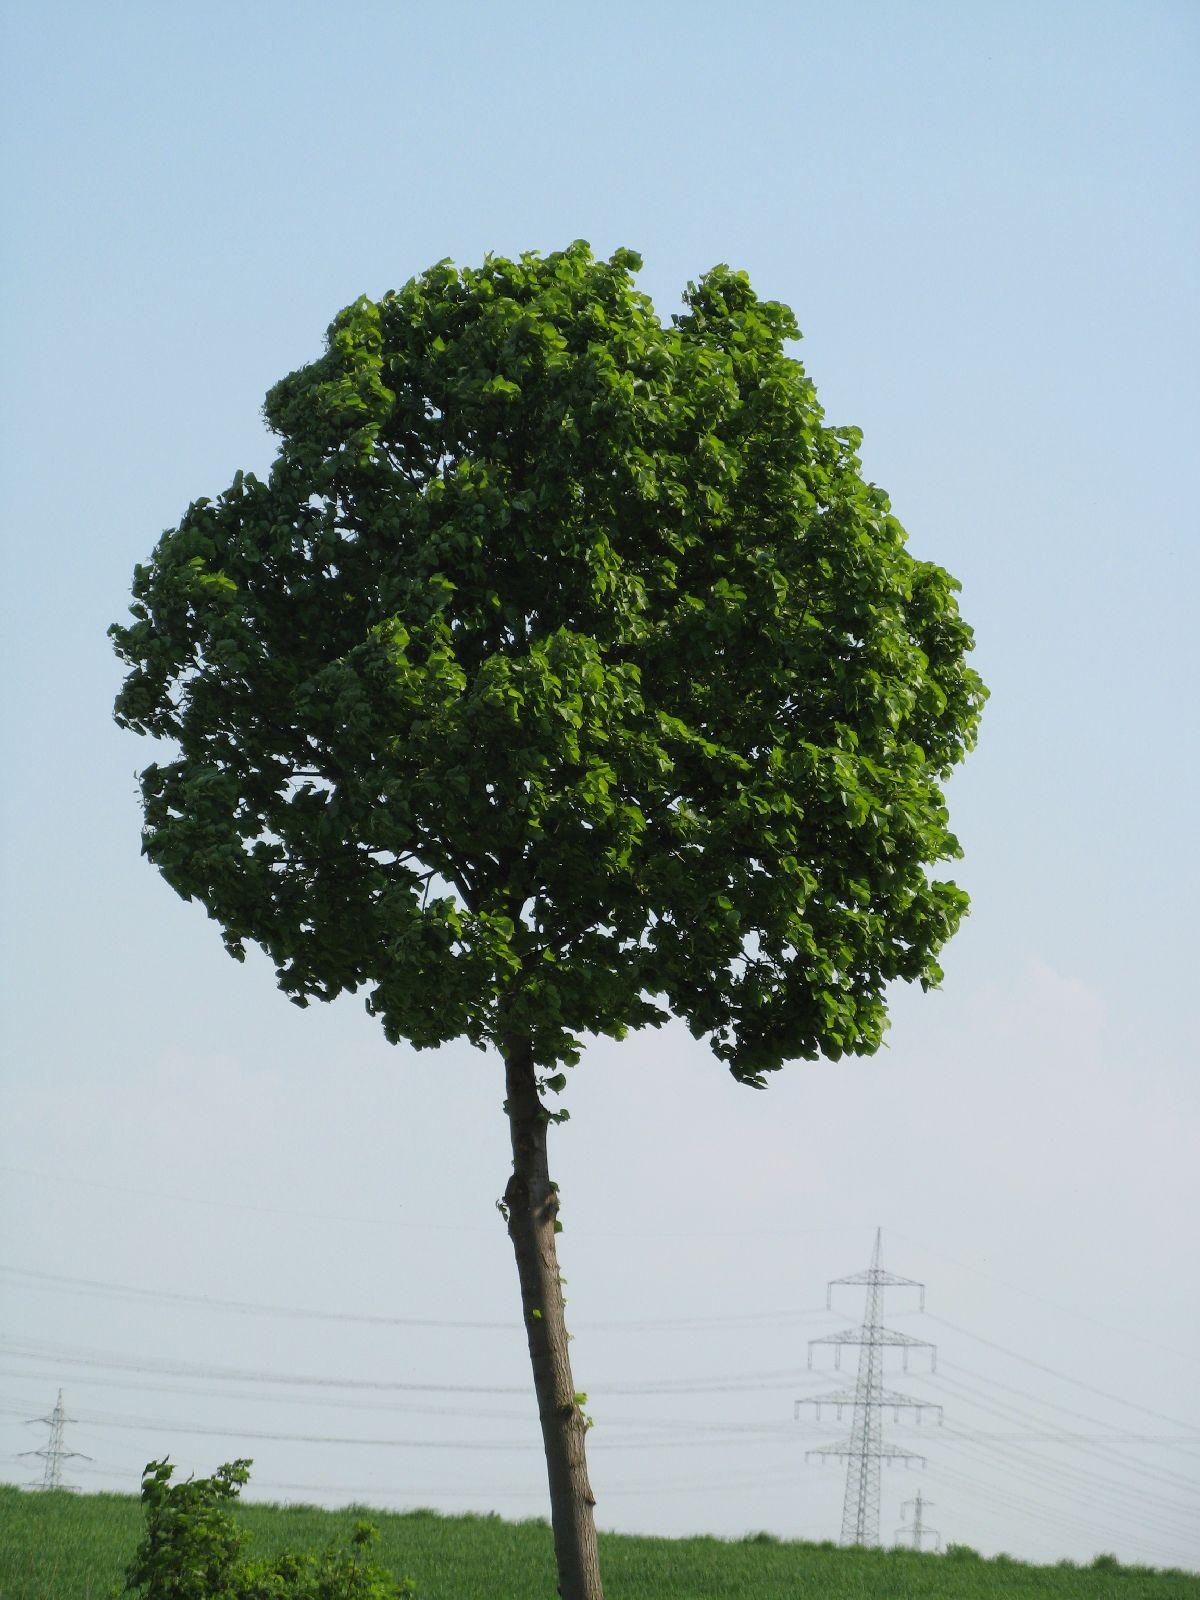 Pflanzen-Baum-Foto_Textur_B_00260